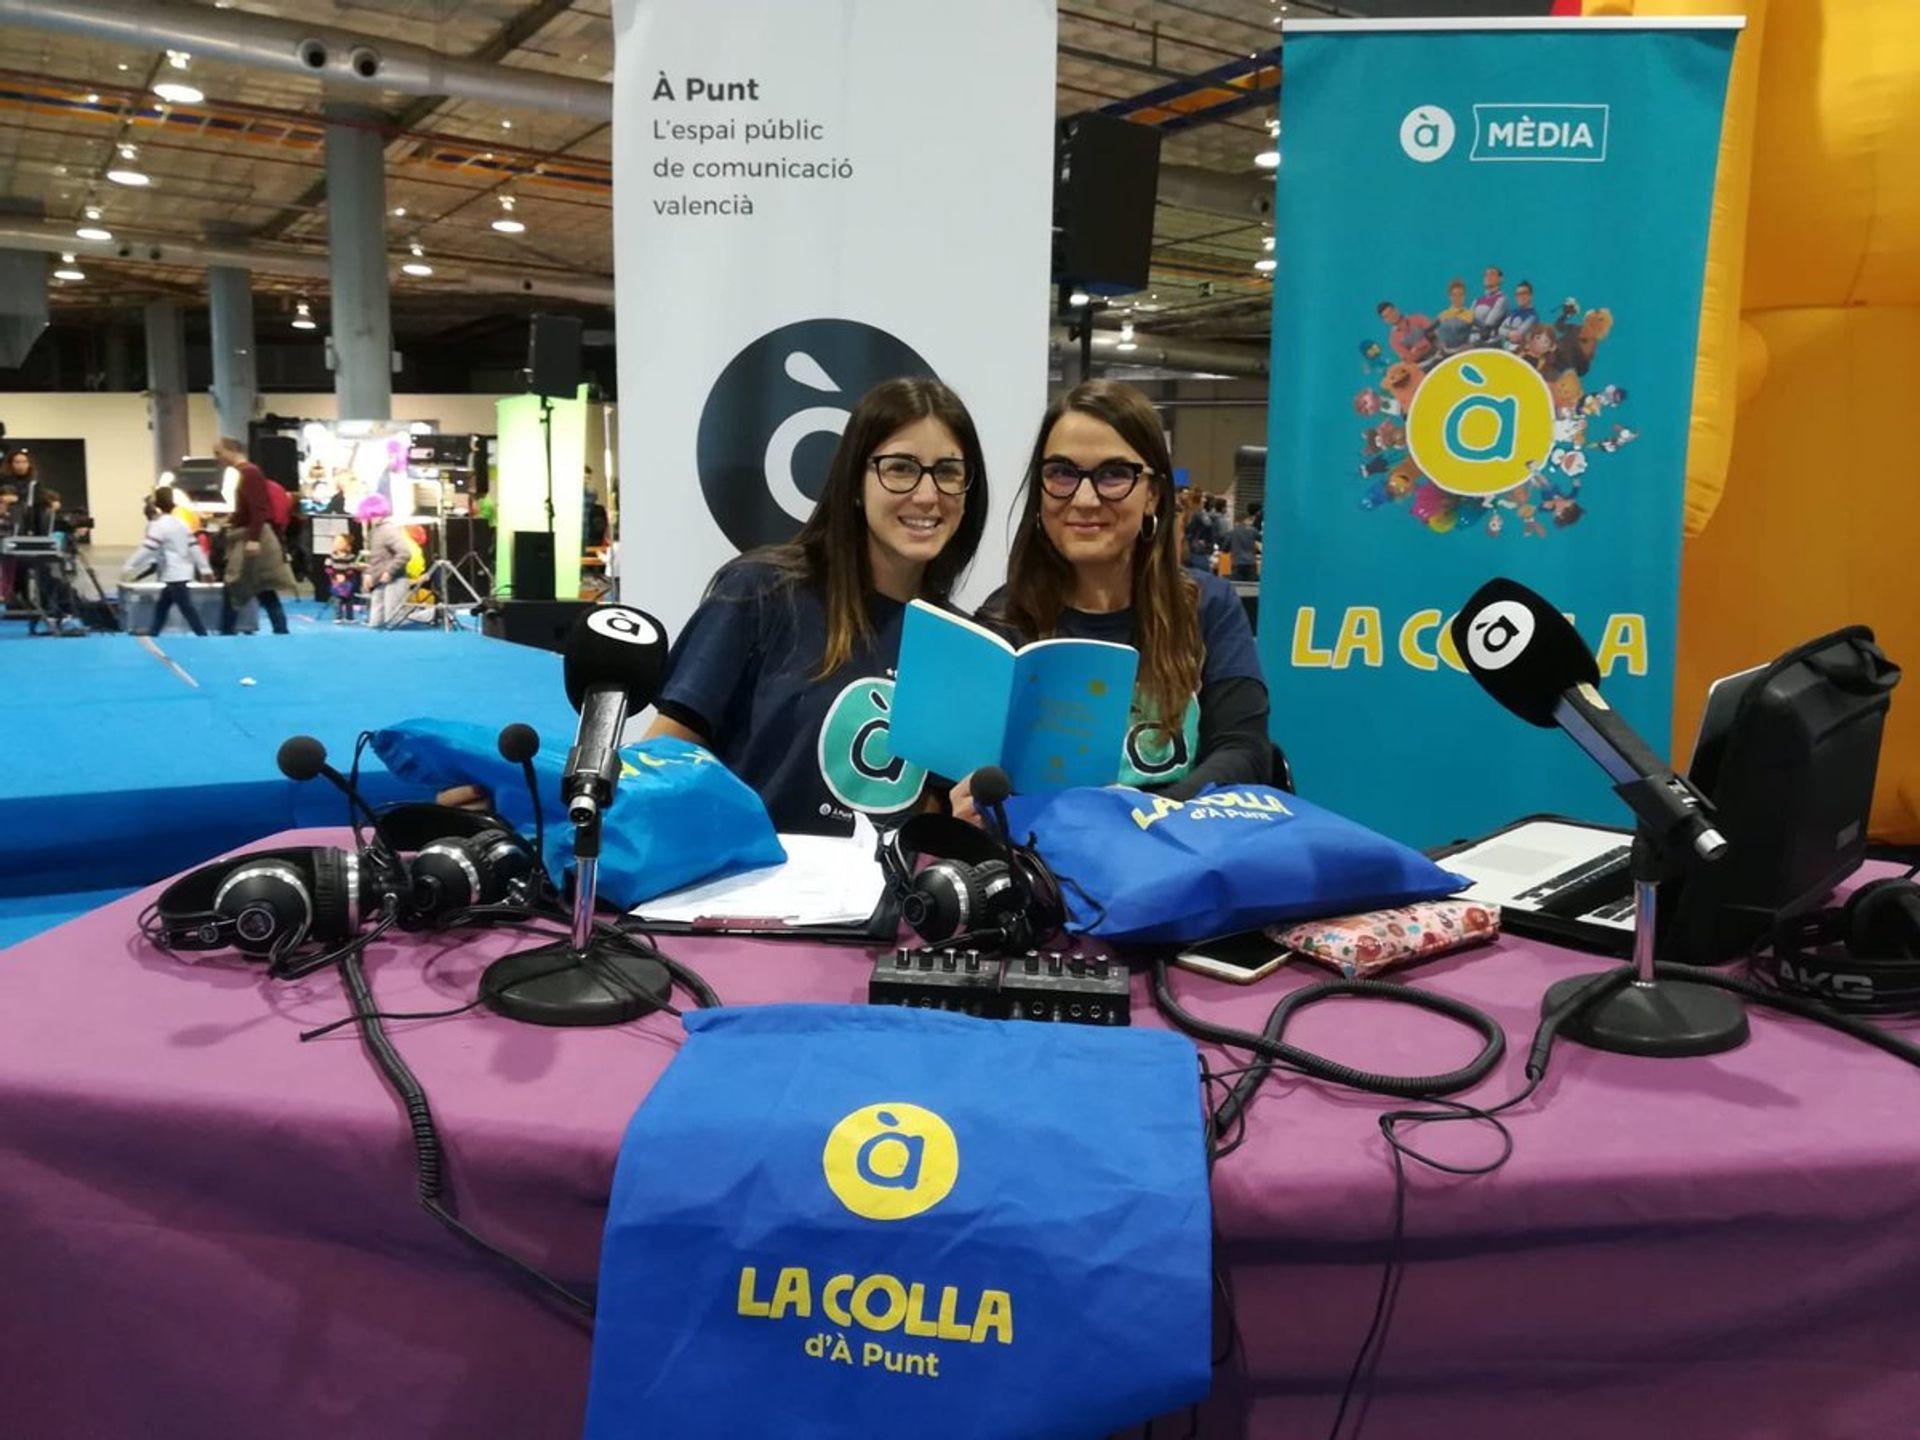 03.01.2019 | La Colla des d'Expojove